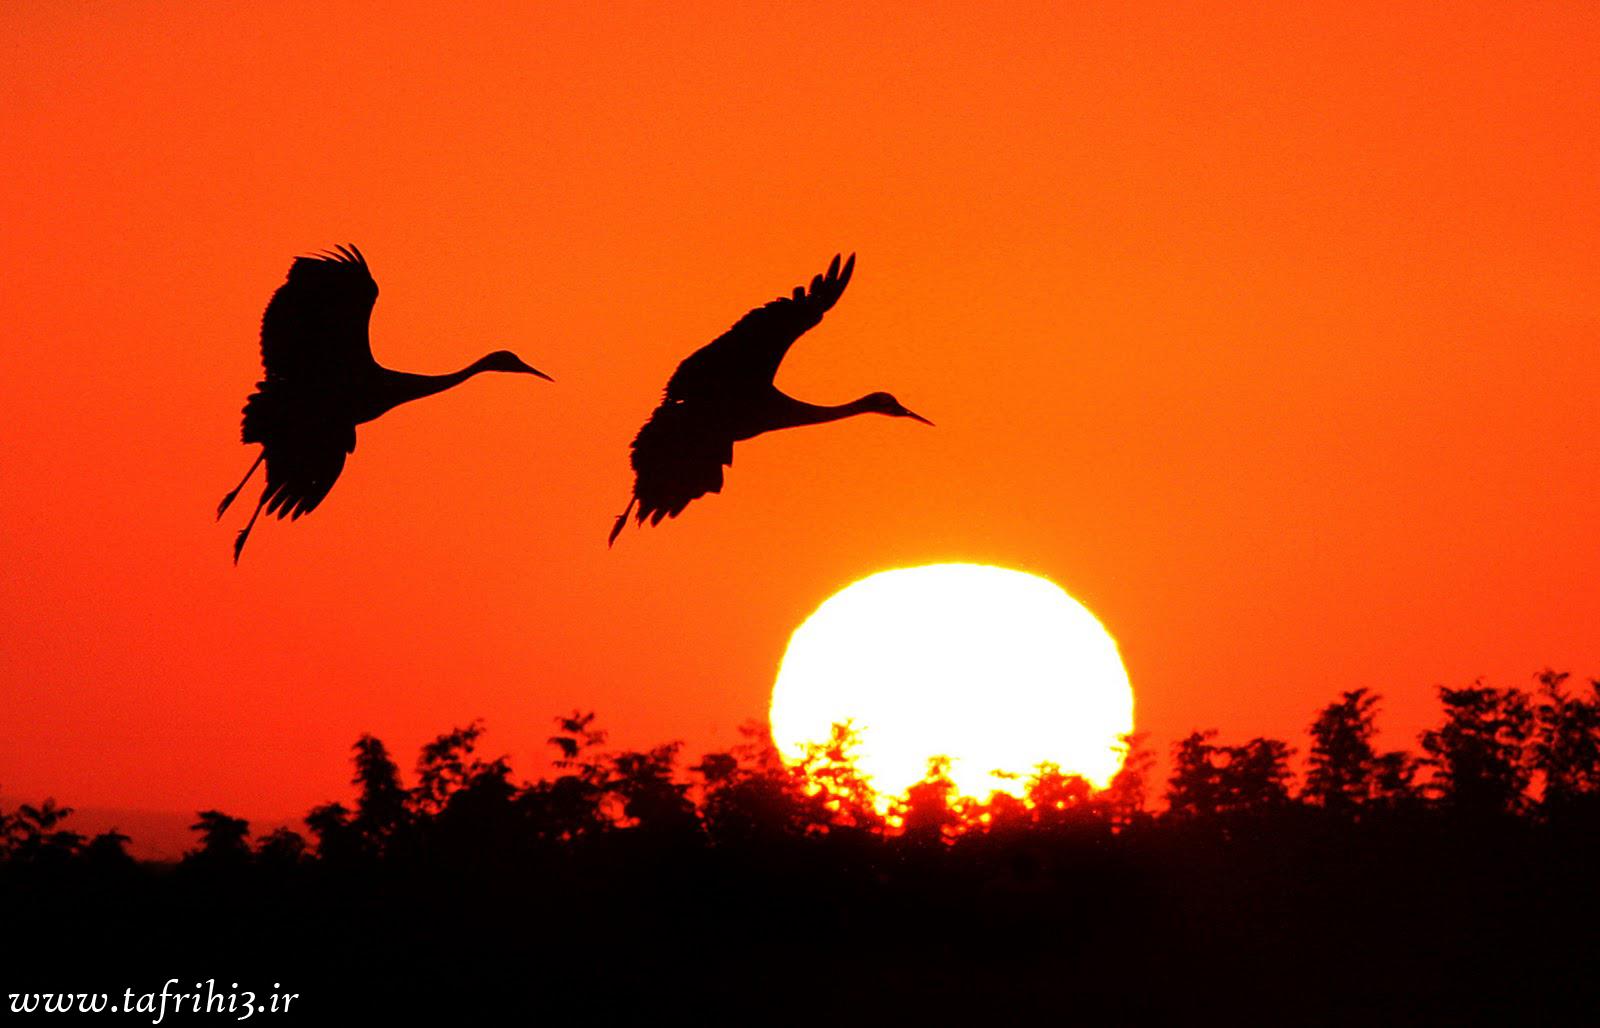 عکس های زیبا و احساسی از غروب آفتاب